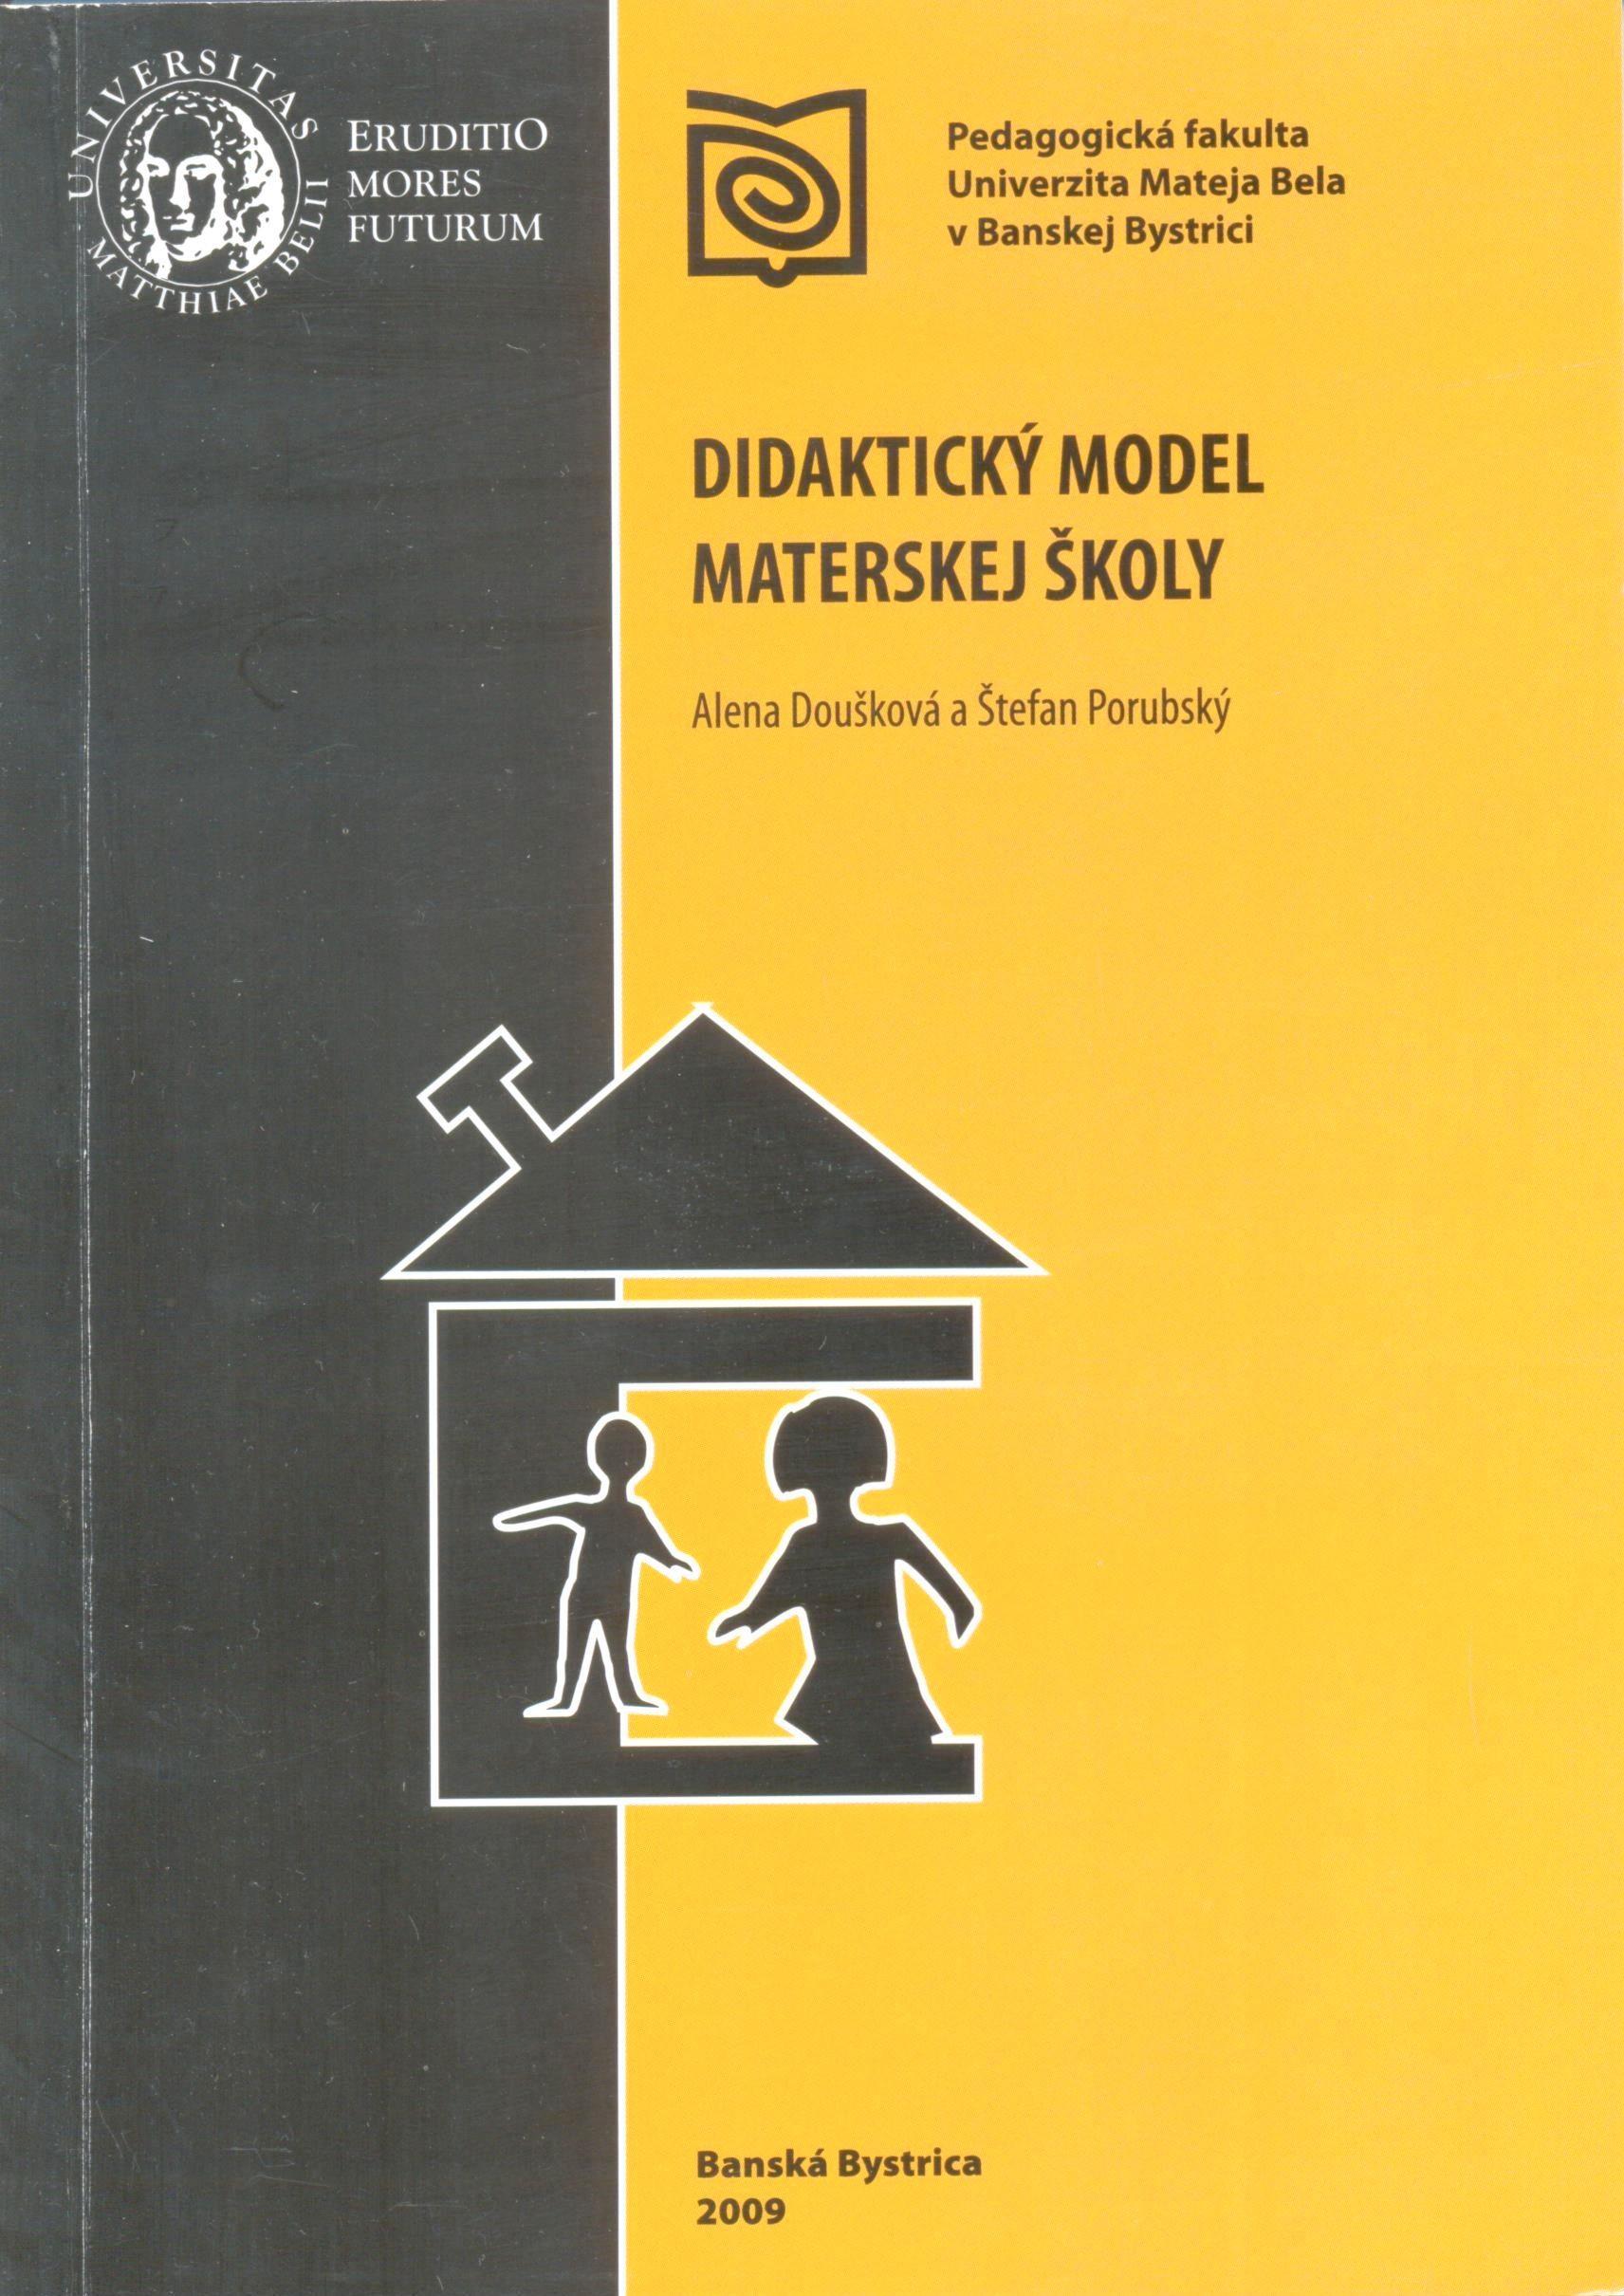 Didaktický model materskej školy